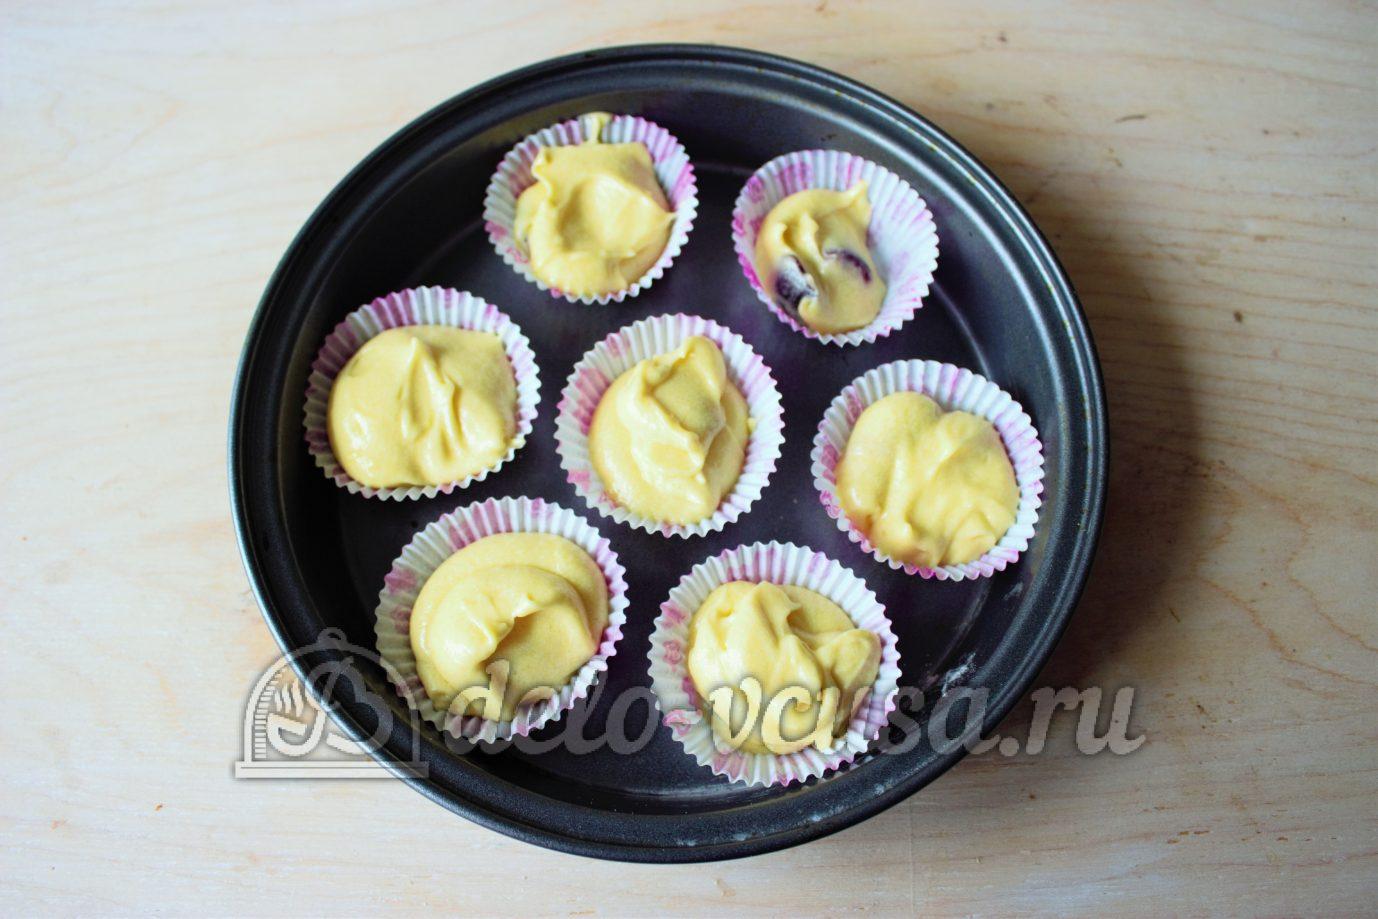 Кексы рецепты пошагово в формочках с майонезом